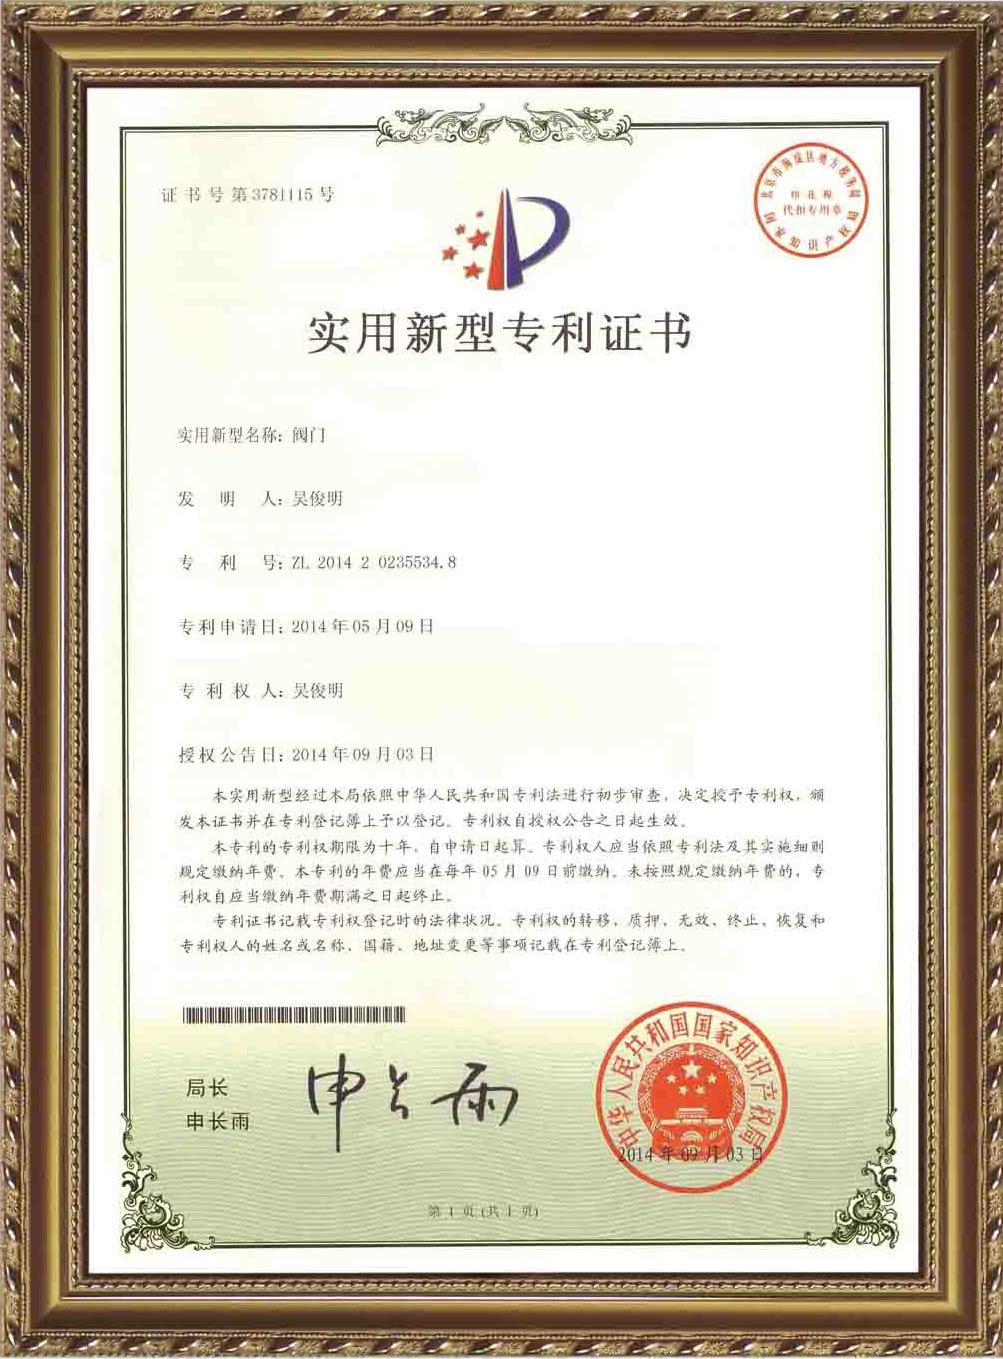 东阀科技新型实用专利证书